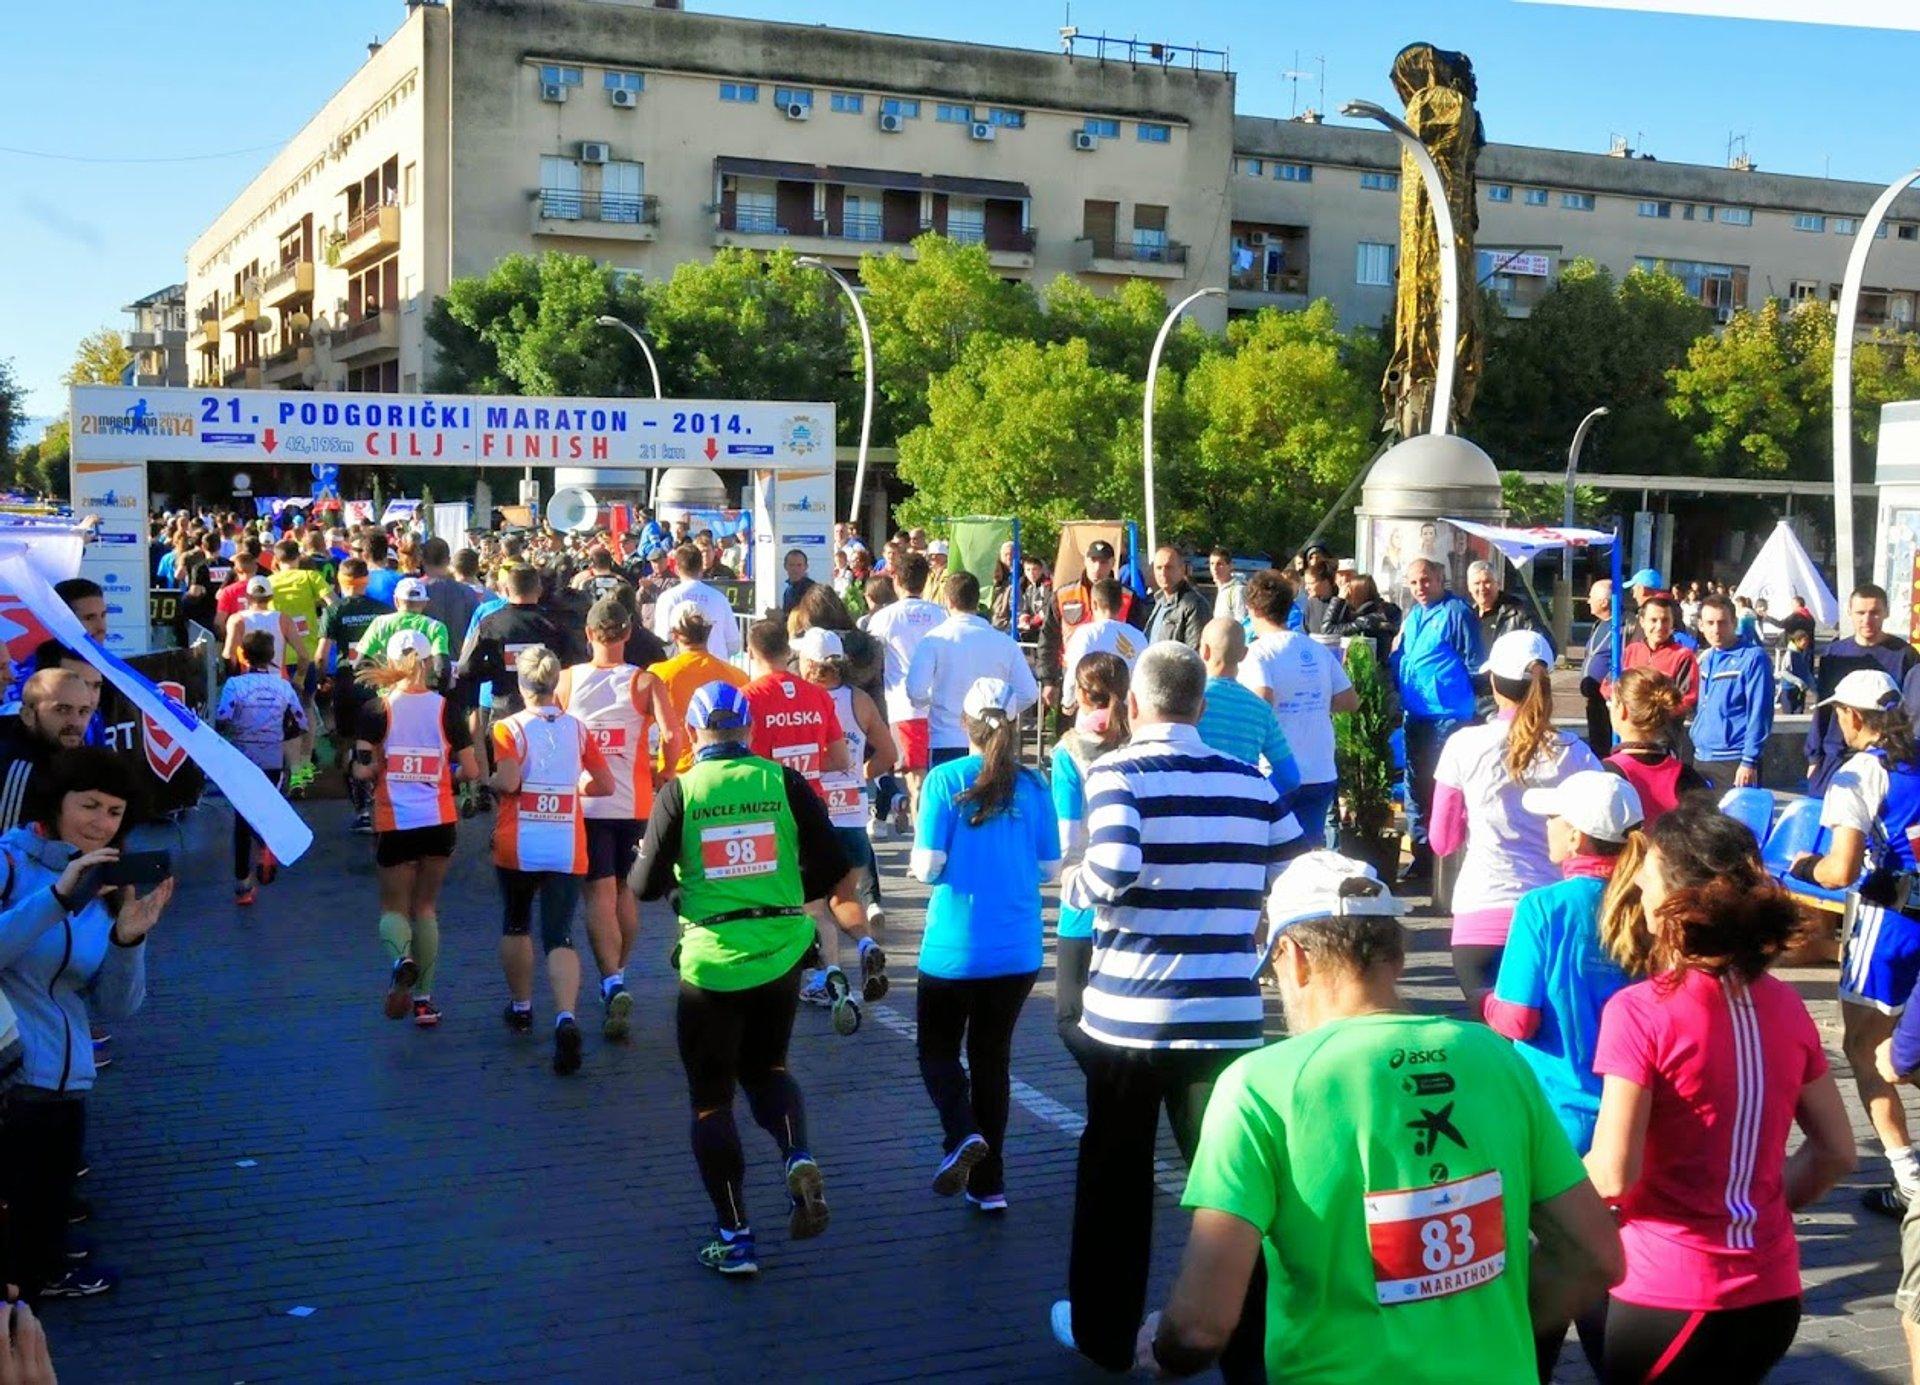 Podgorica Marathon in Montenegro - Best Season 2020